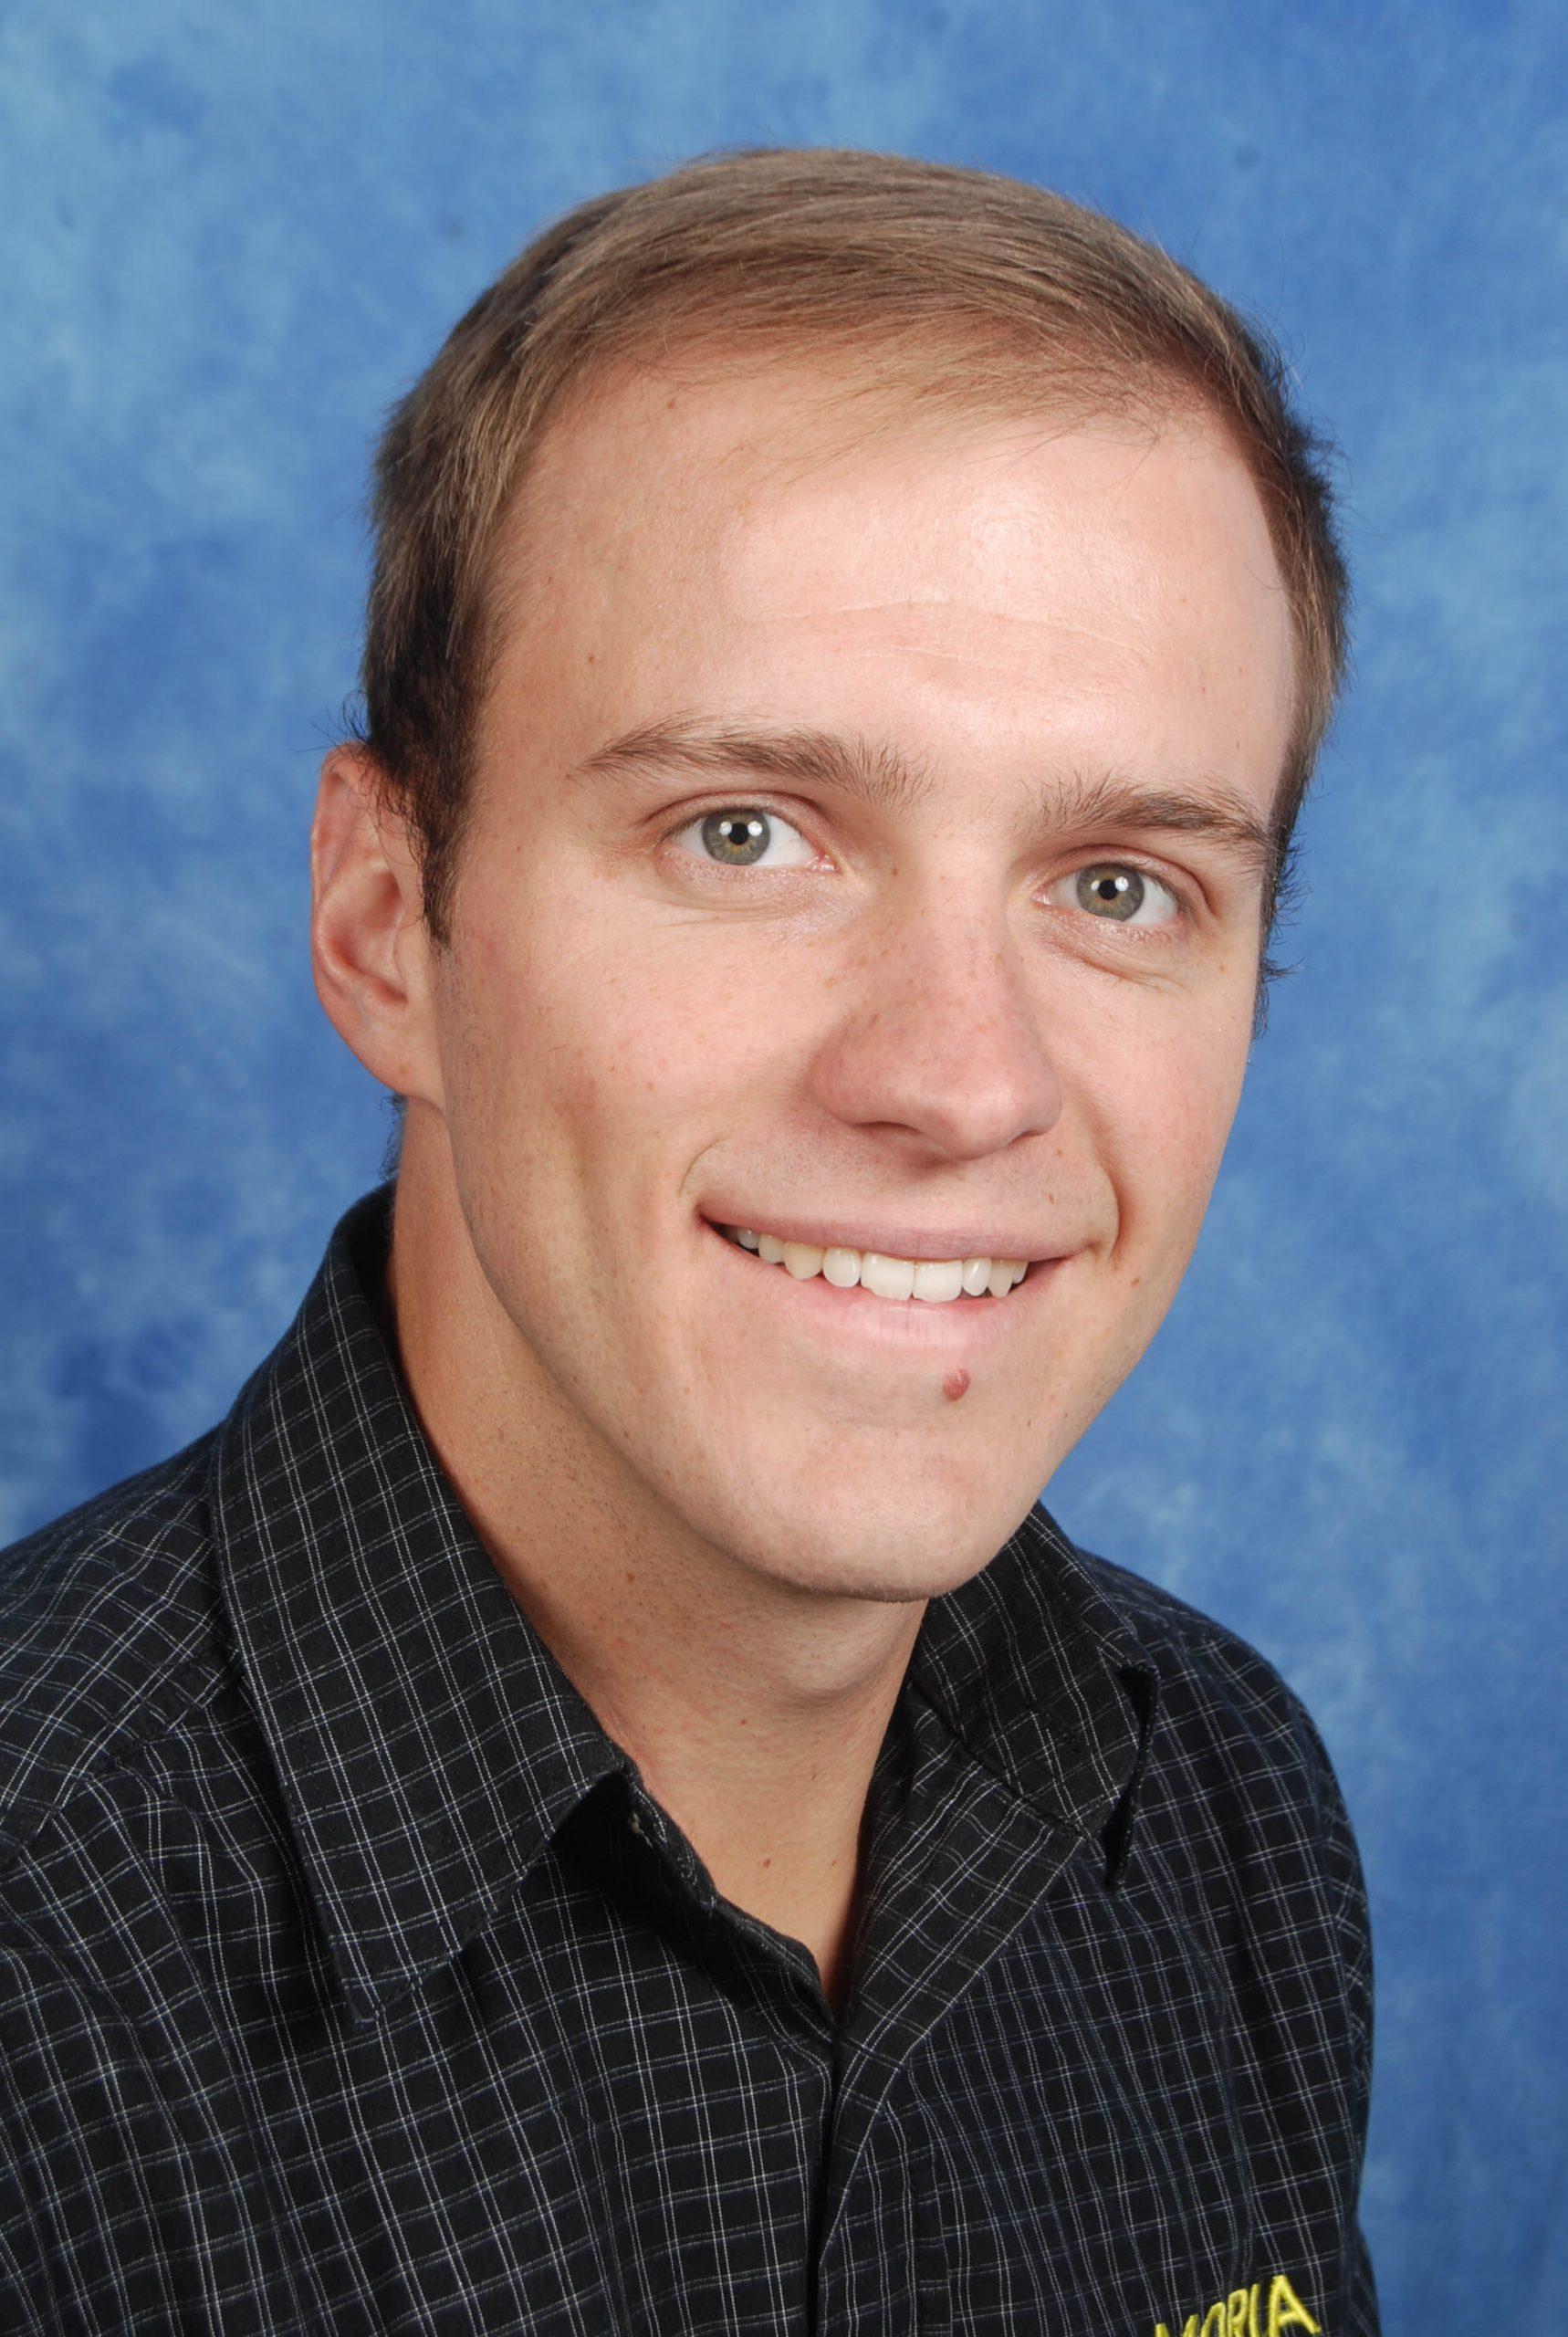 Jan Paul Jonck